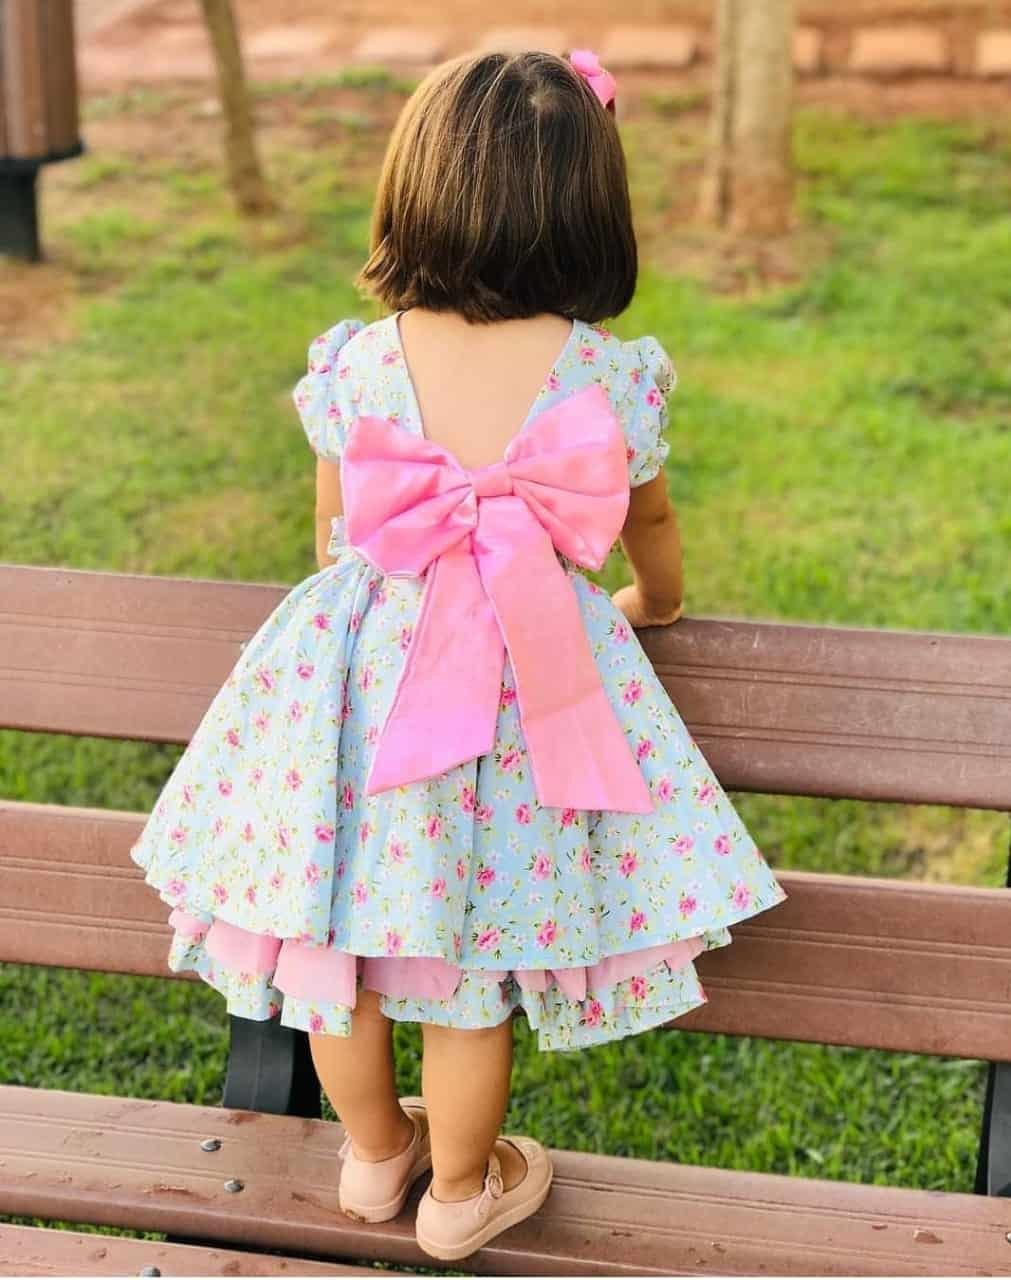 Vestido de festa infantil estilo princesa